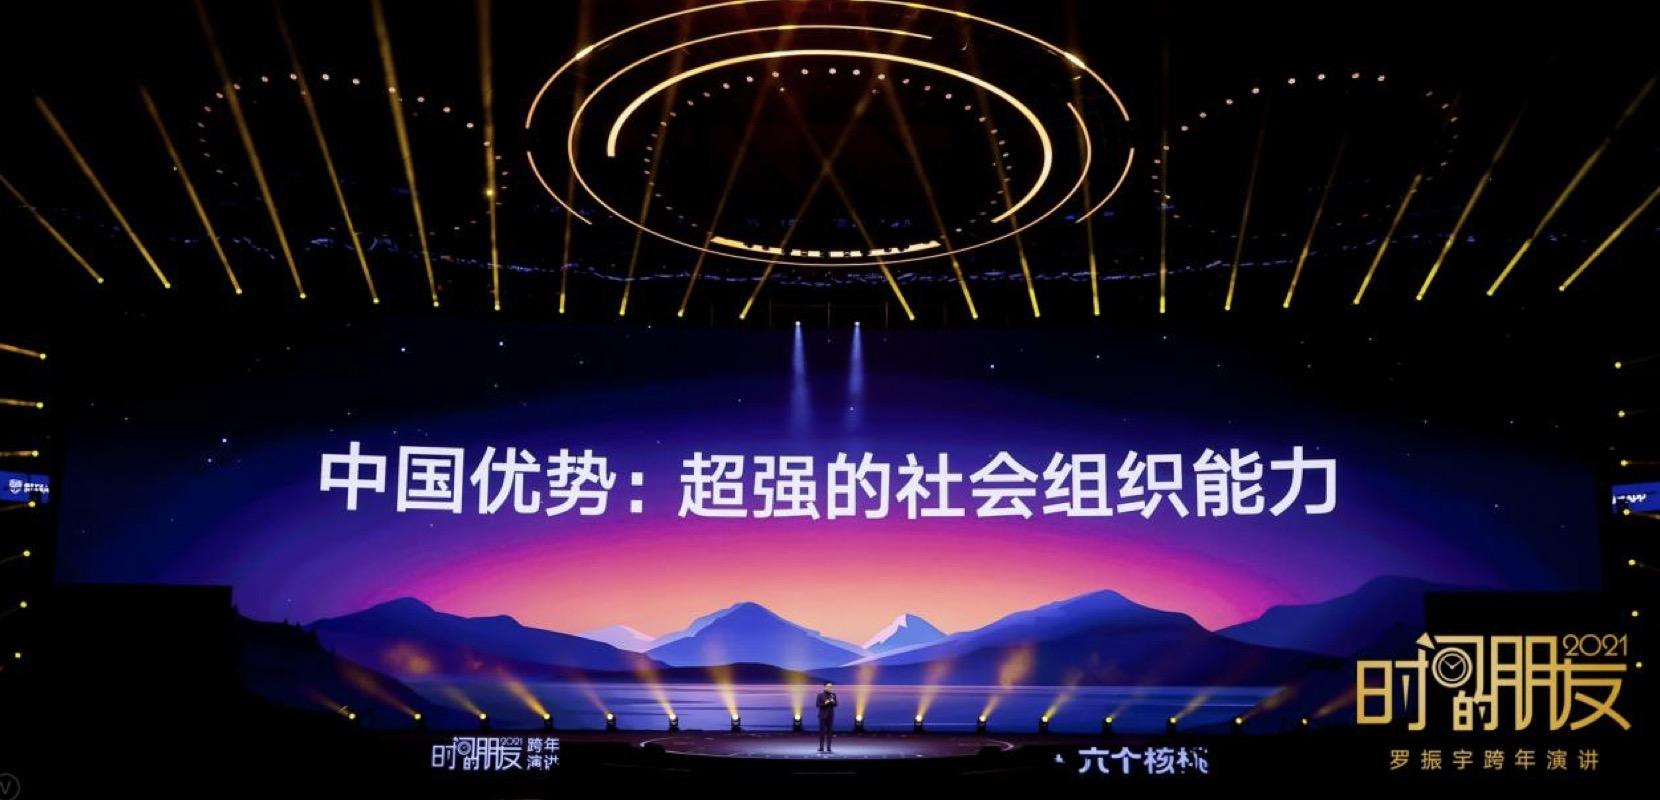 """usdt钱包支付(caibao.it):罗振宇2021时间的同伙跨年演讲:迎接""""长大以后""""新挑战 第2张"""